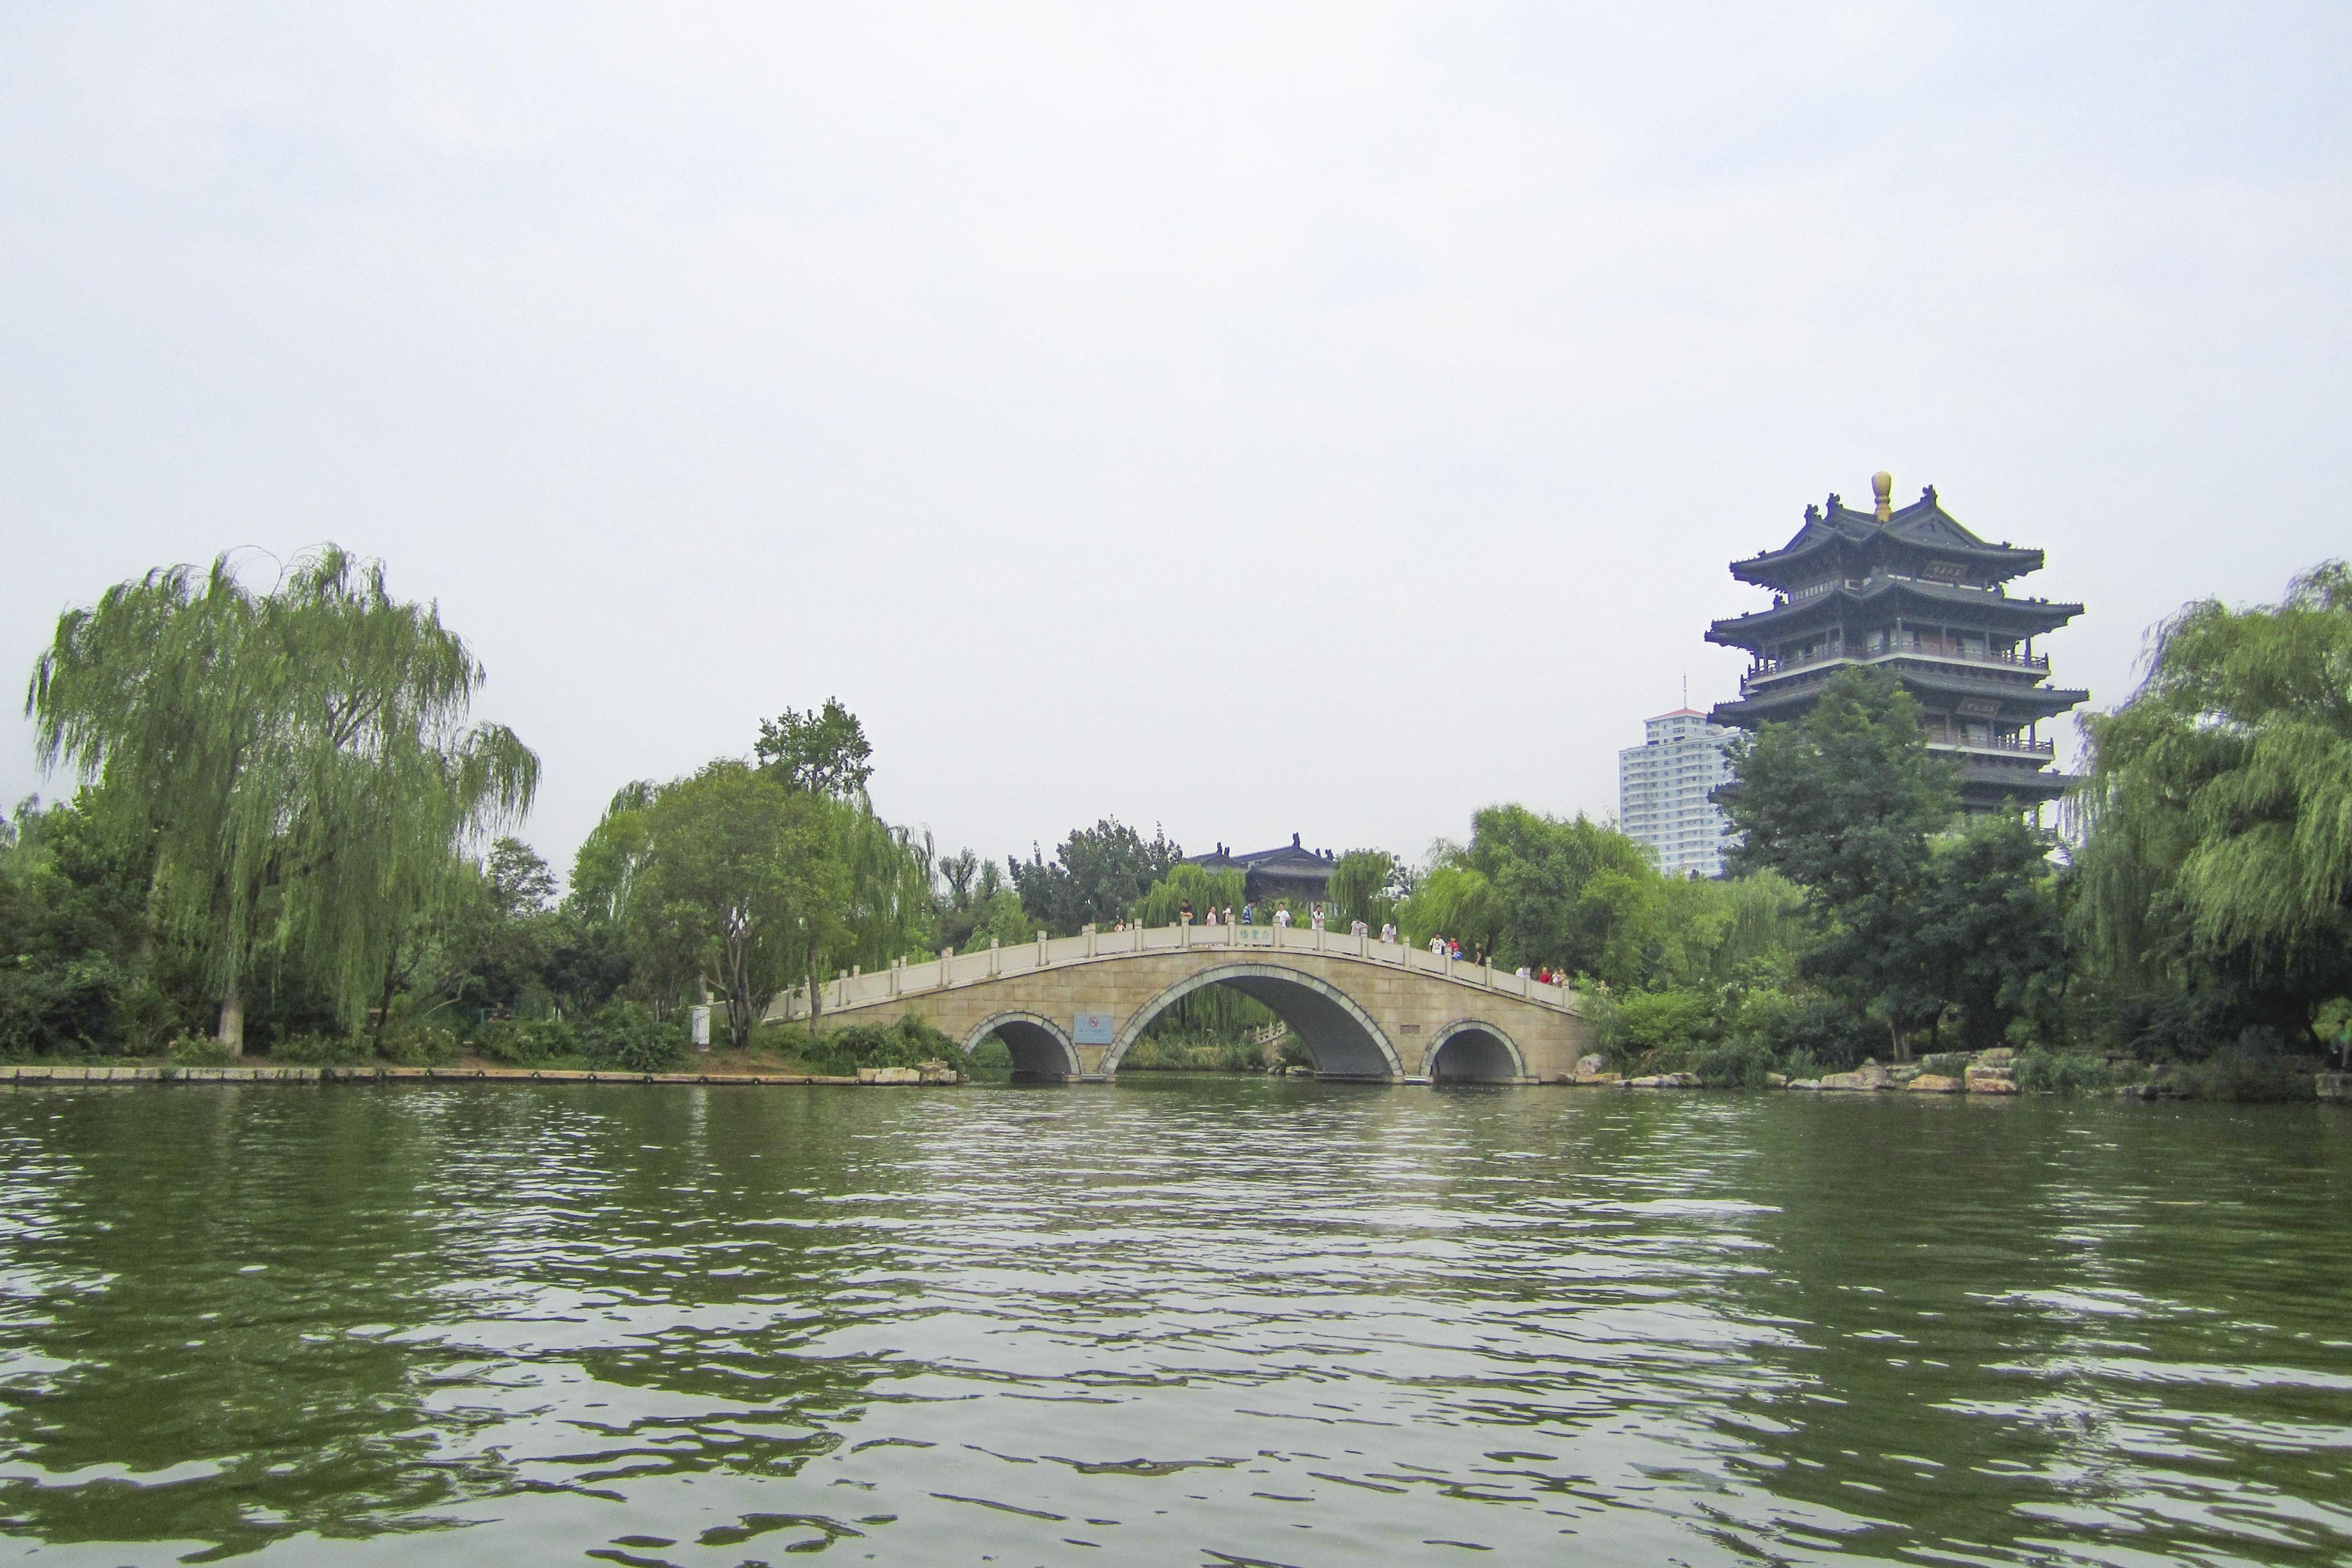 """山东济南三大名胜之一,被誉为""""中国第一泉水湖"""",却不收取门票"""